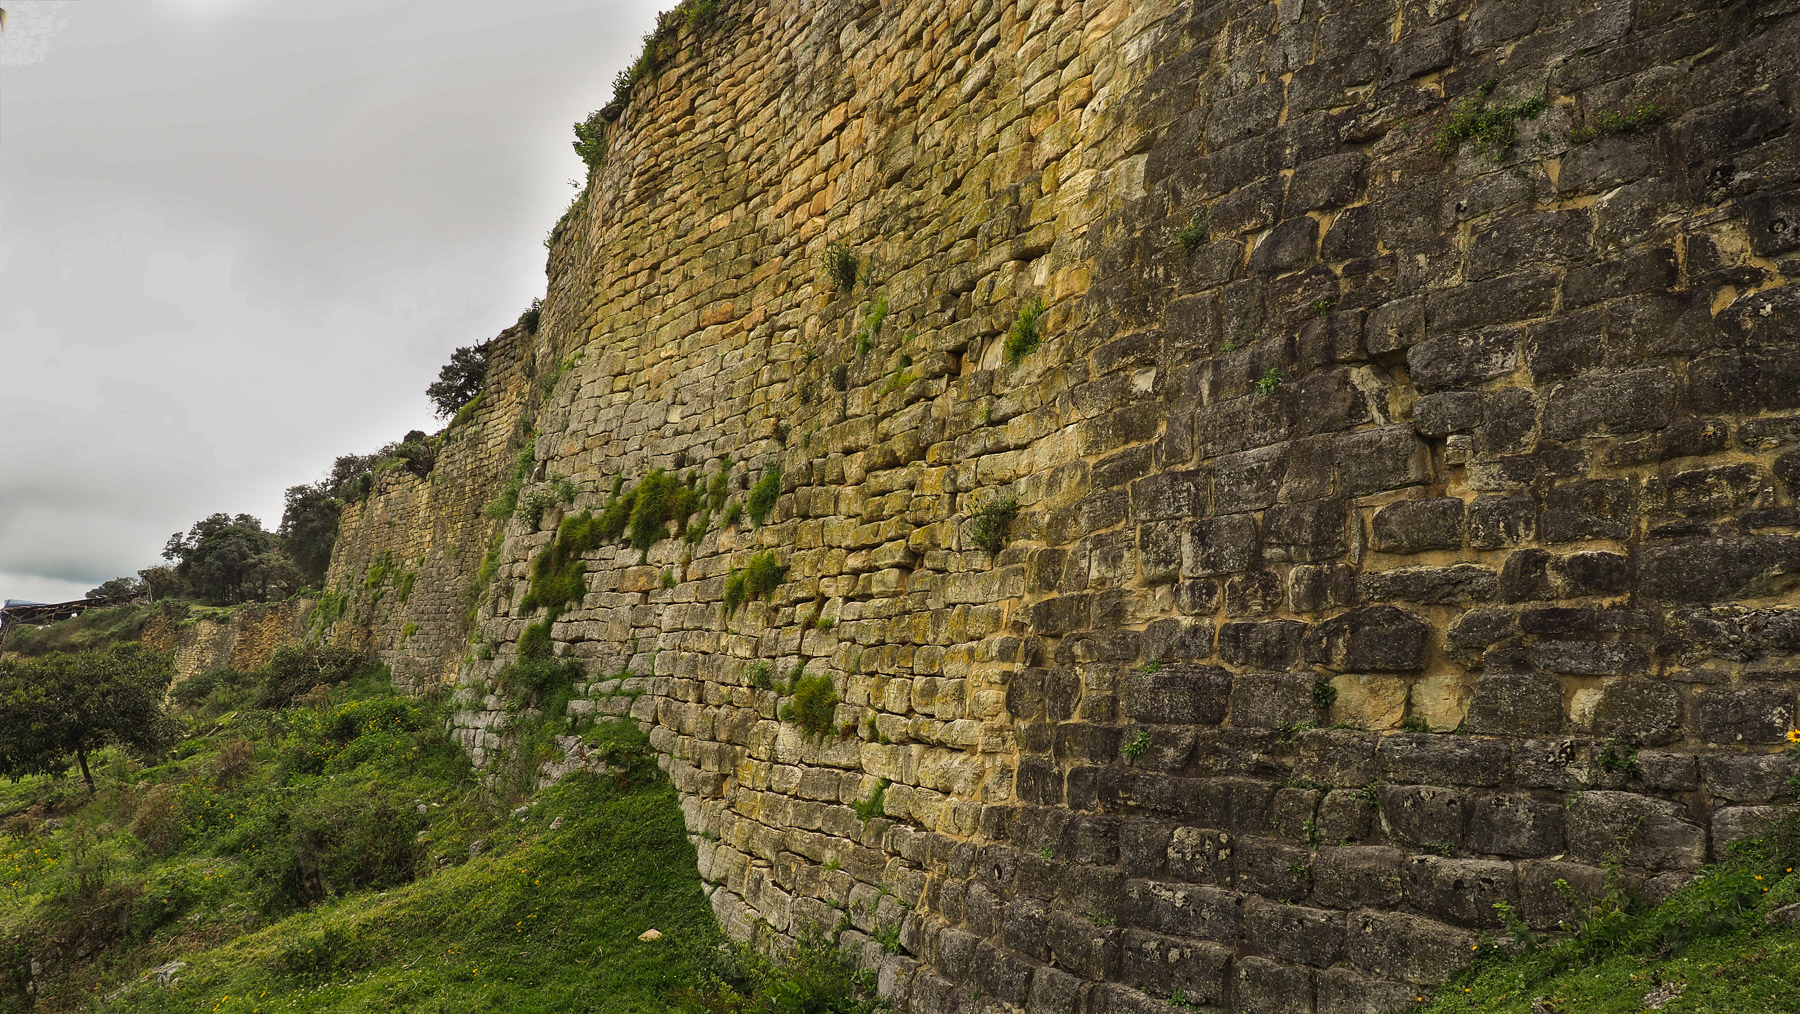 Die berühmteste Siedlung der Wolkenmenschen: Kuelap mit seinen gigantischen Mauern